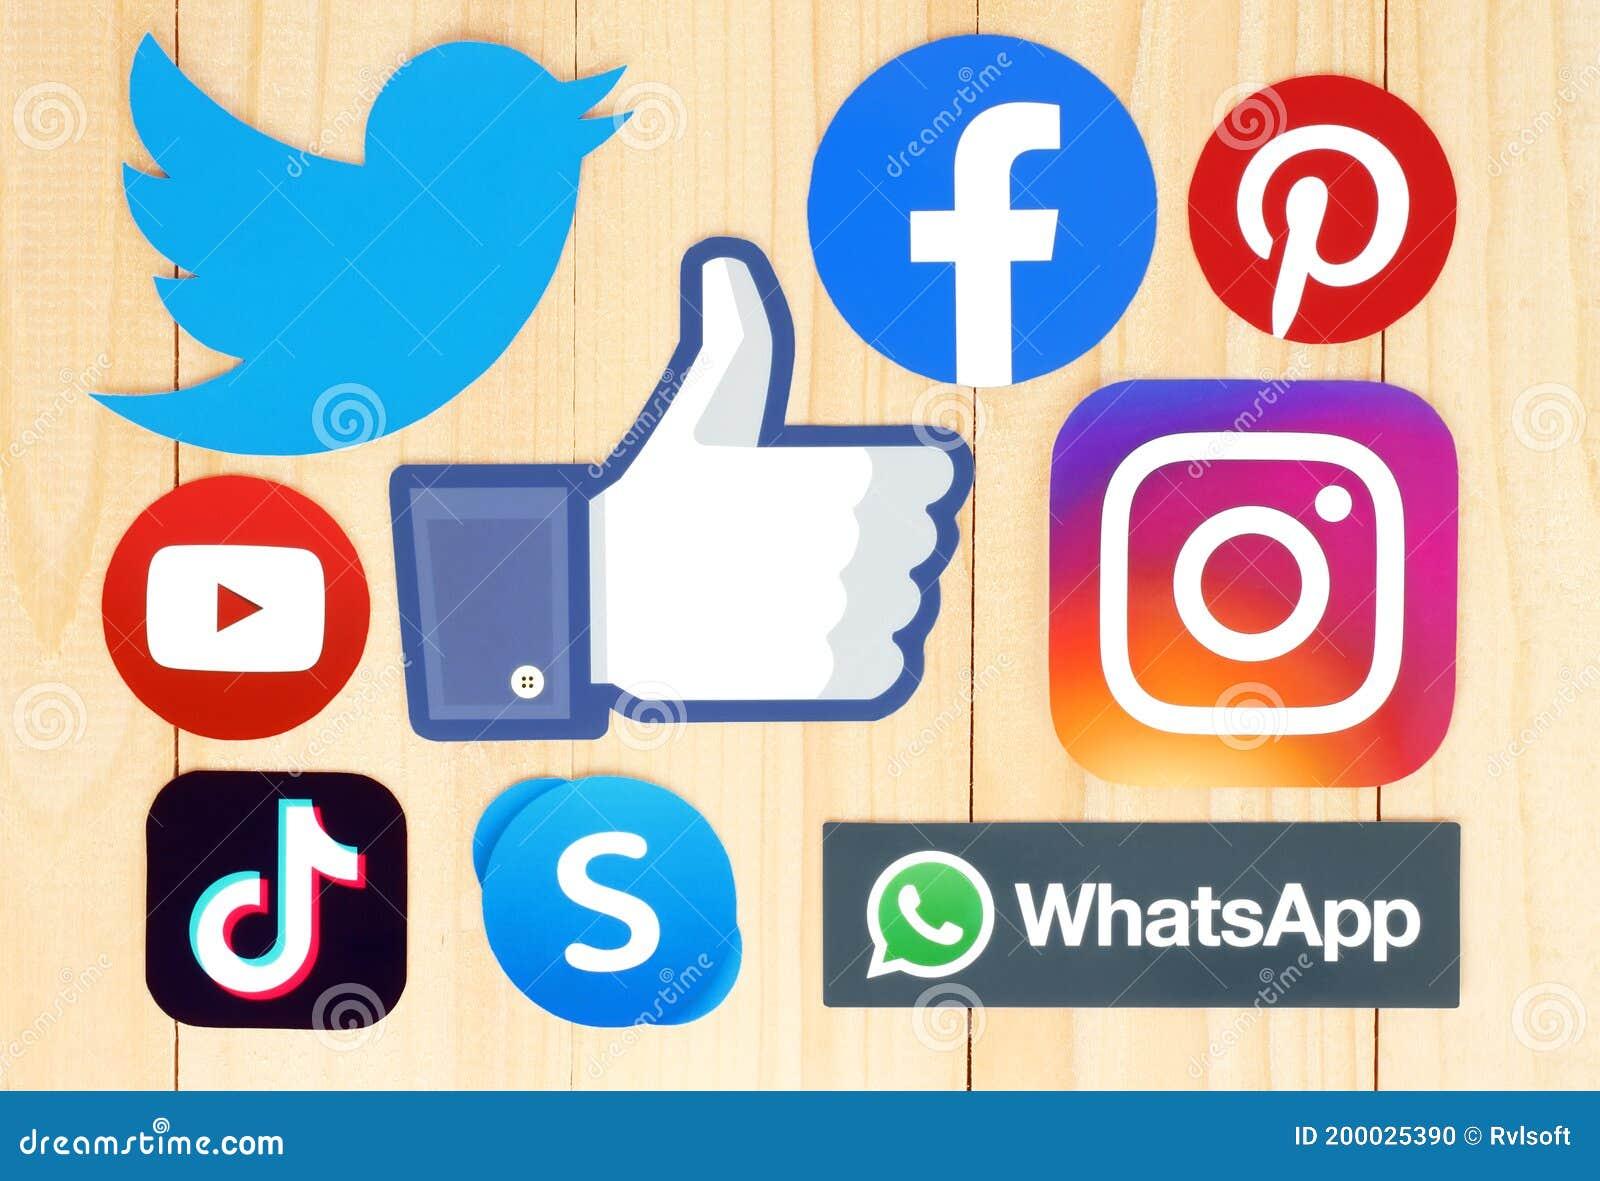 And logos social names media 1,000+ Social